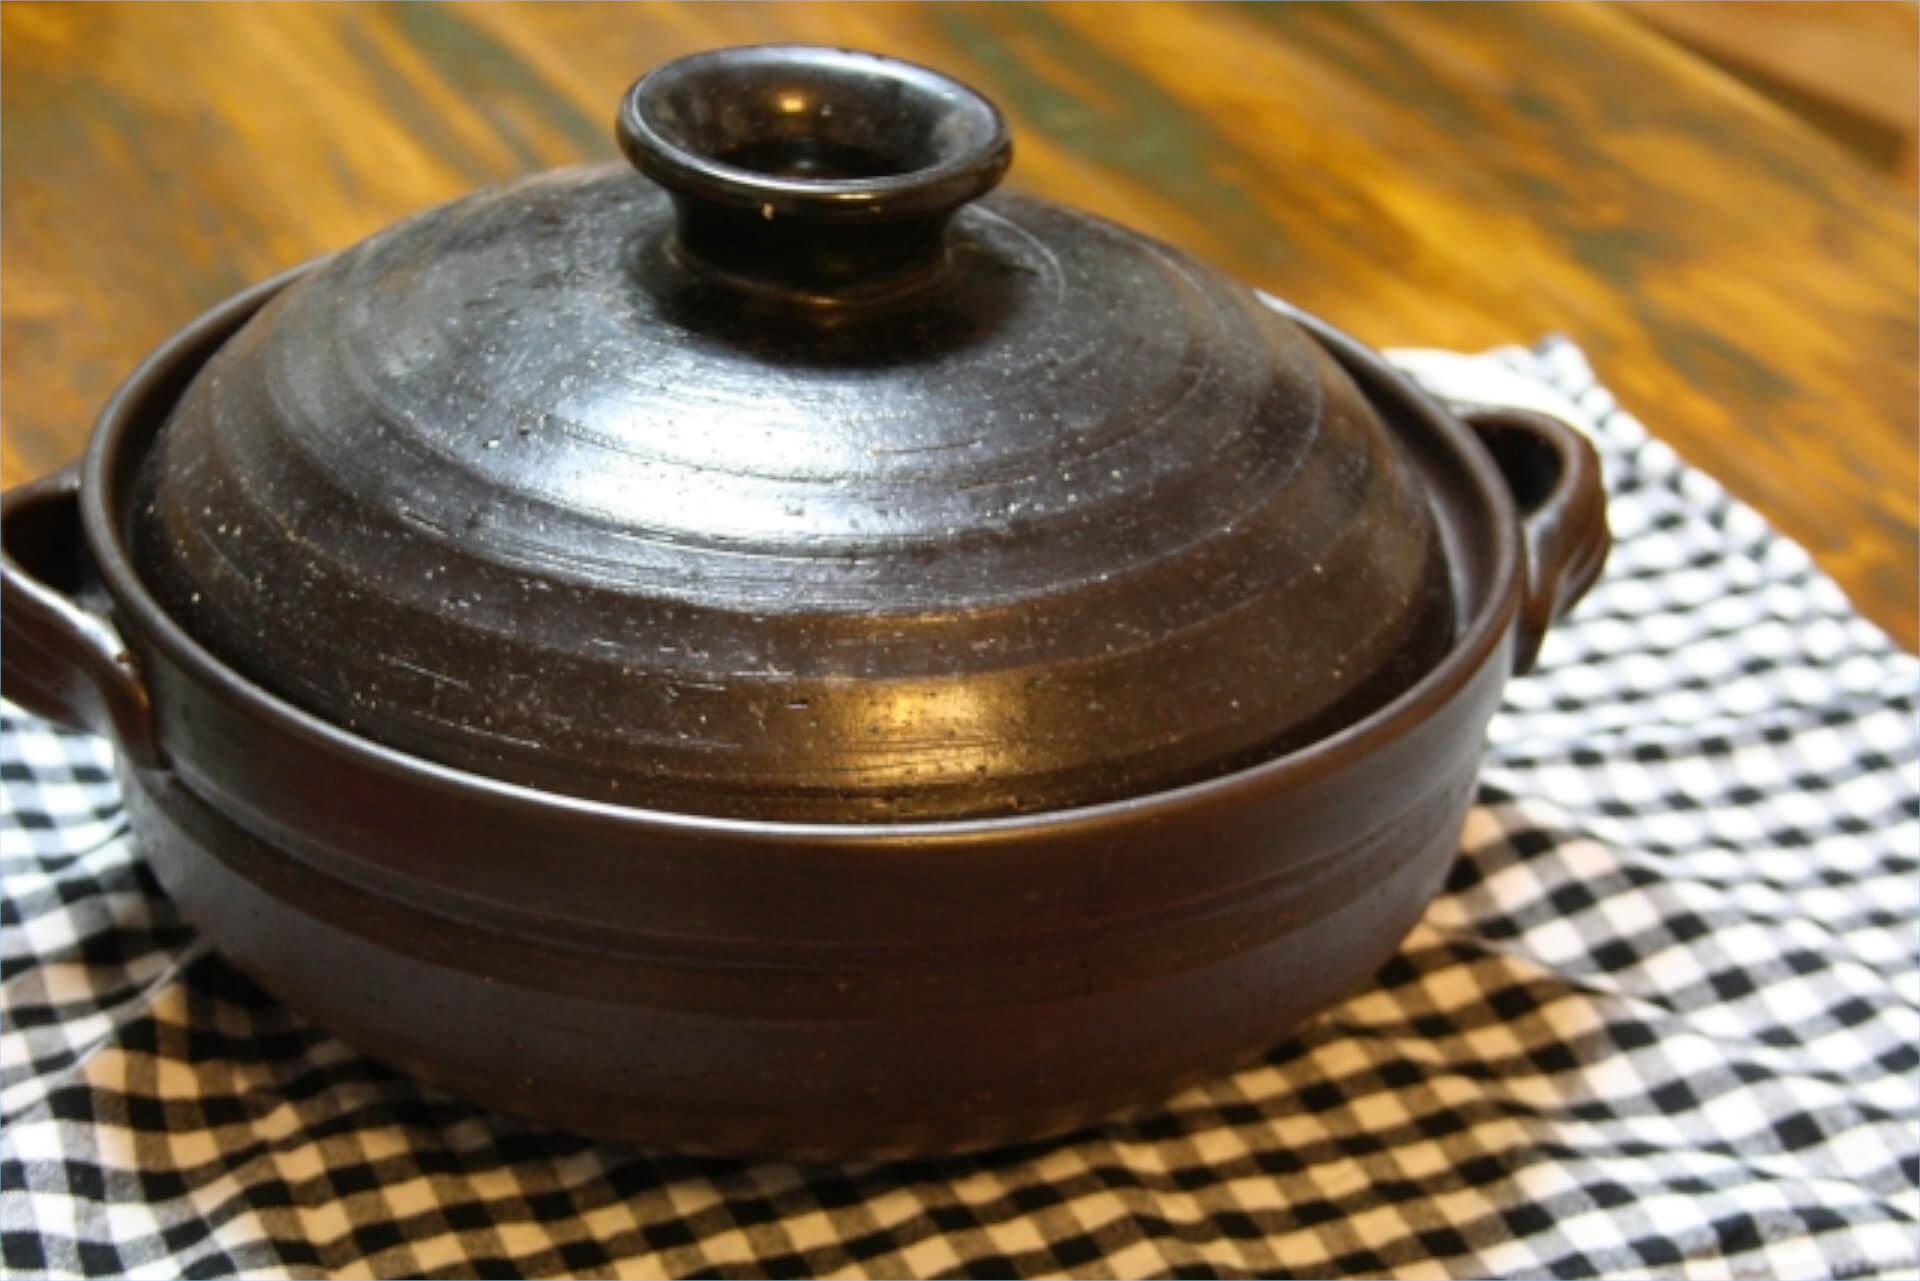 ヒルナンデス!「無水ビールごま油鍋」レシピ!リュウジが教えるコスパレシピ